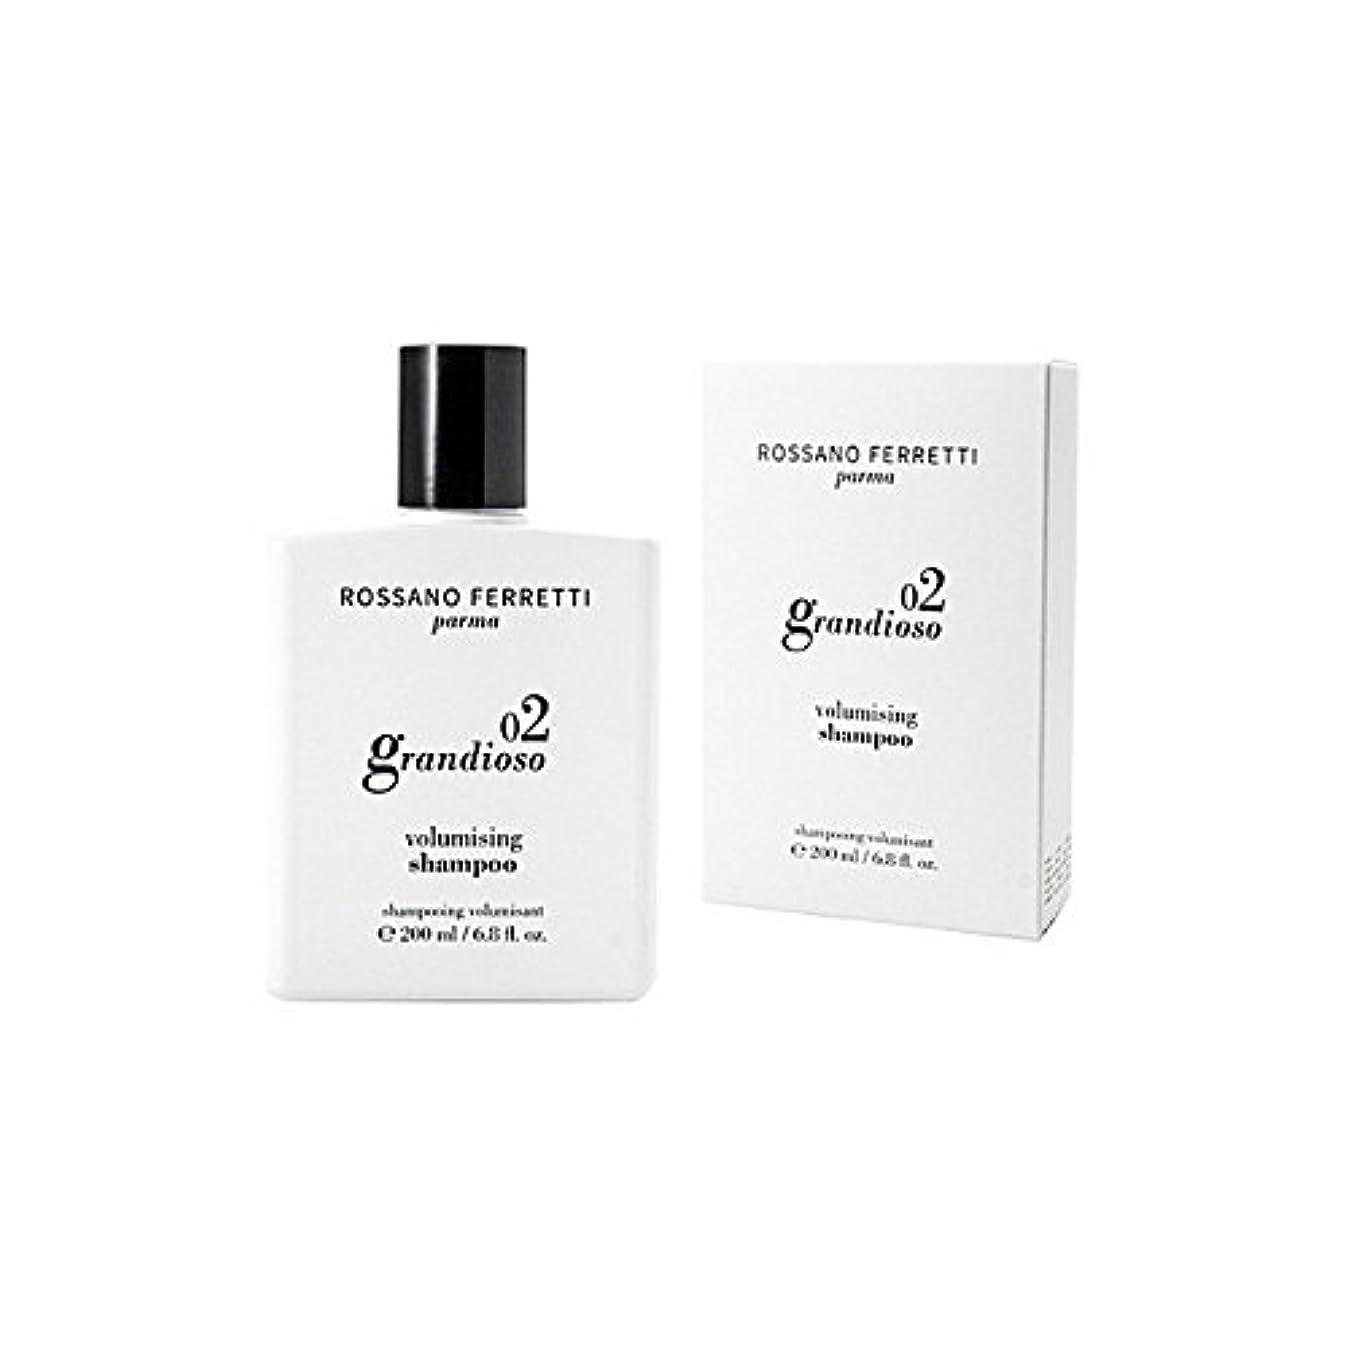 運ぶ安価な遠近法Rossano Ferretti Parma Grandioso Volumising Shampoo 200ml (Pack of 6) - ロッサノフェレッティパルマ シャンプー200ミリリットル x6 [並行輸入品]